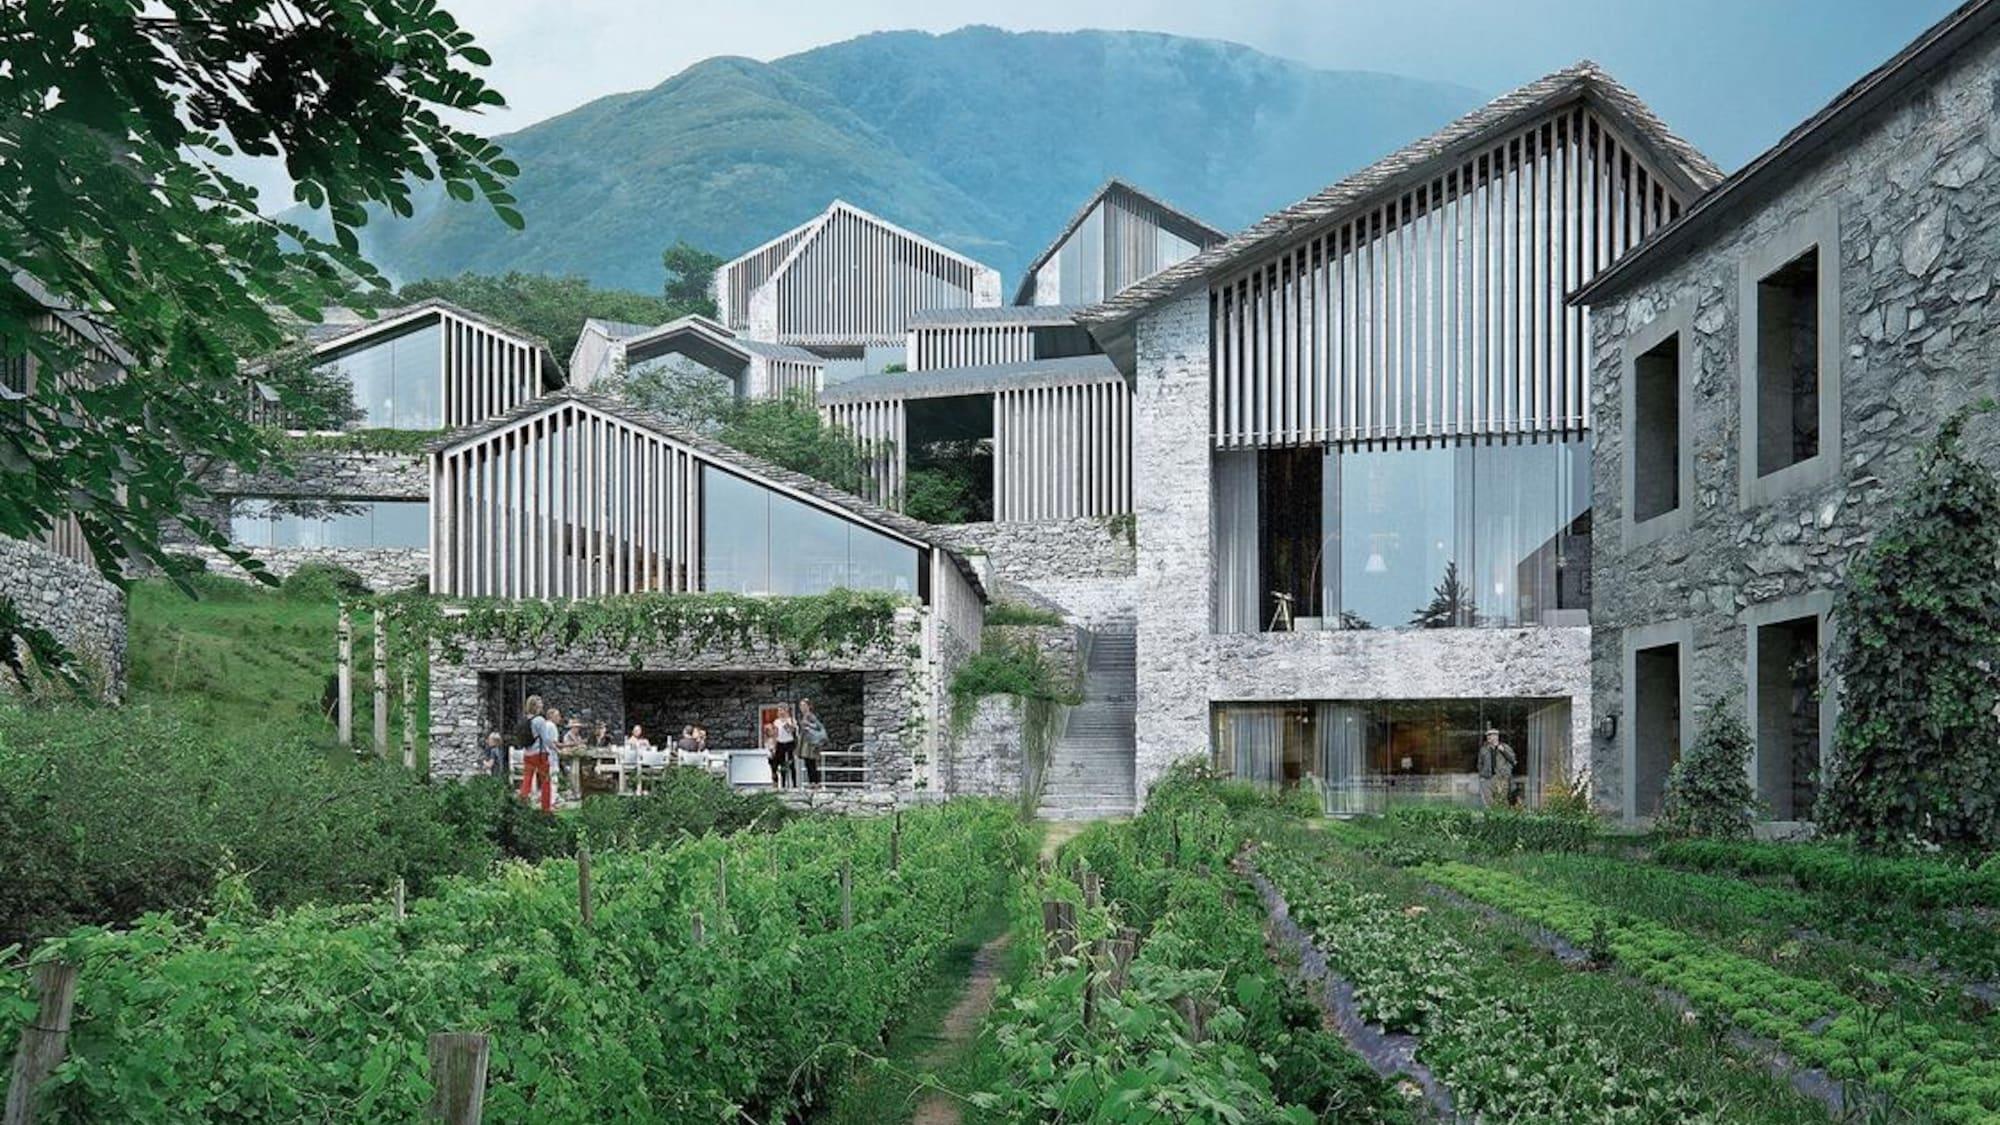 Zoff um geplantes Luxus-Resort in Monte Brè: Planer versprechen «authentisches Tessiner Bergdorf»